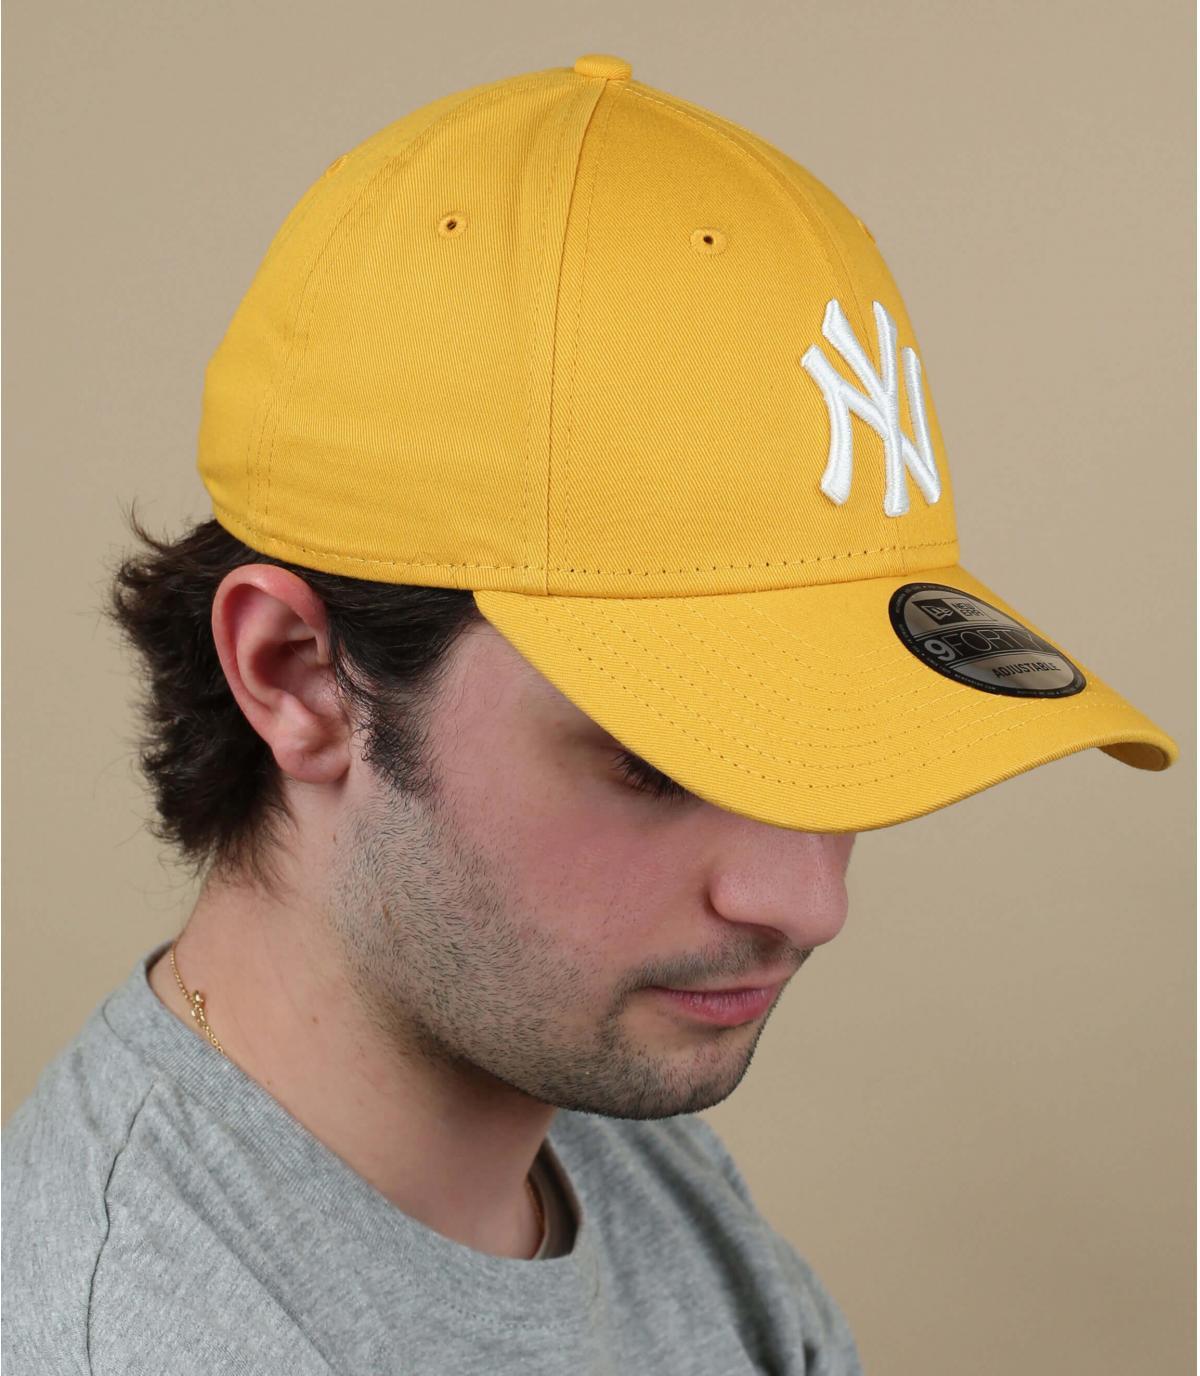 casquette NY jaune blanc